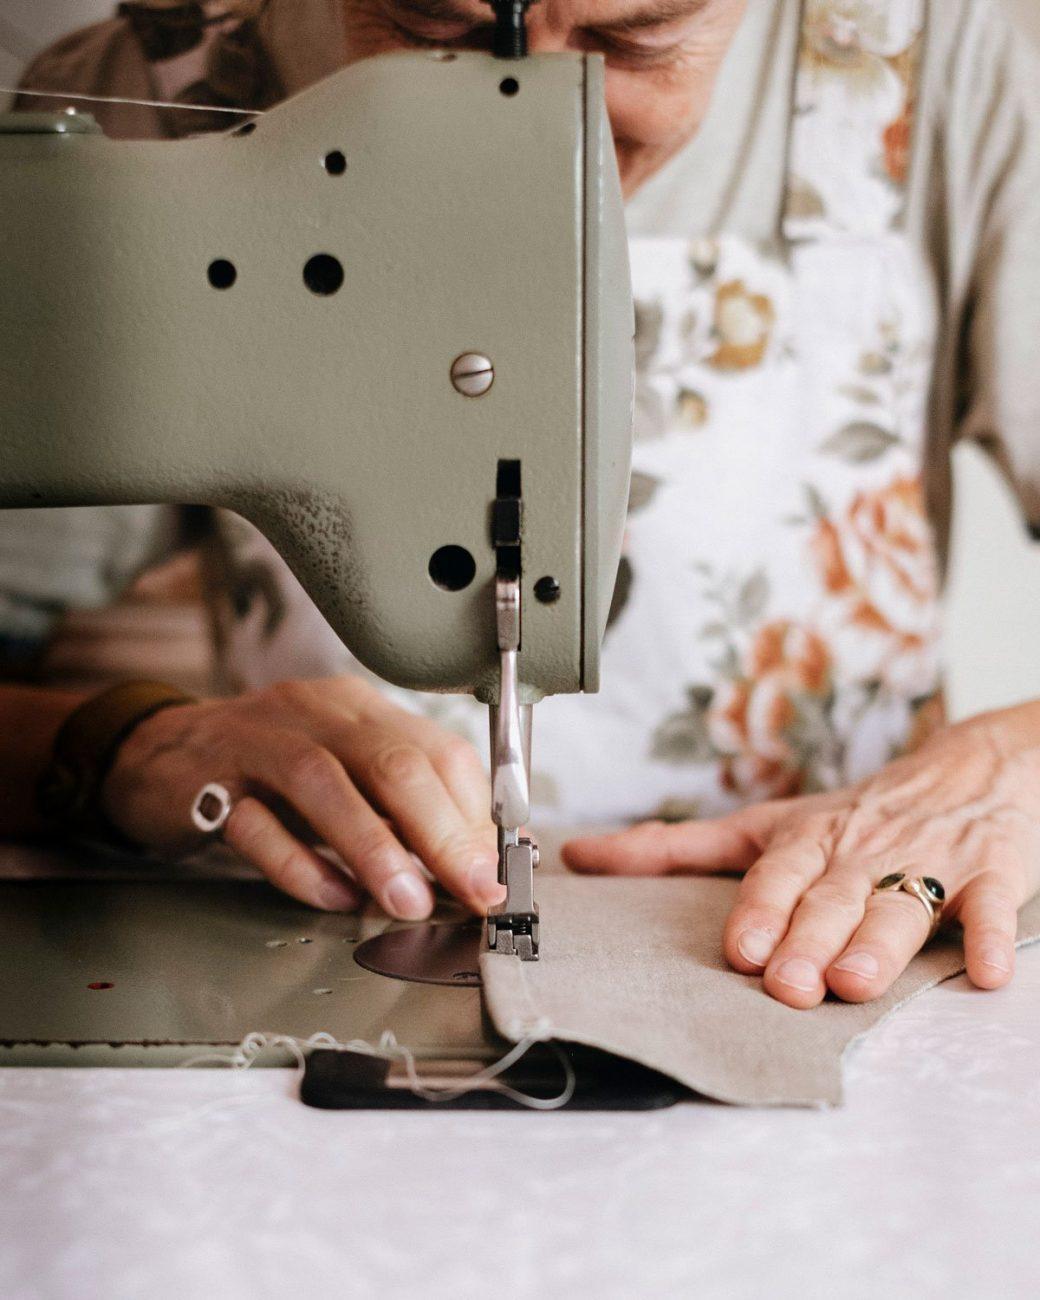 Viamartinella macchina da cucire al lavoro